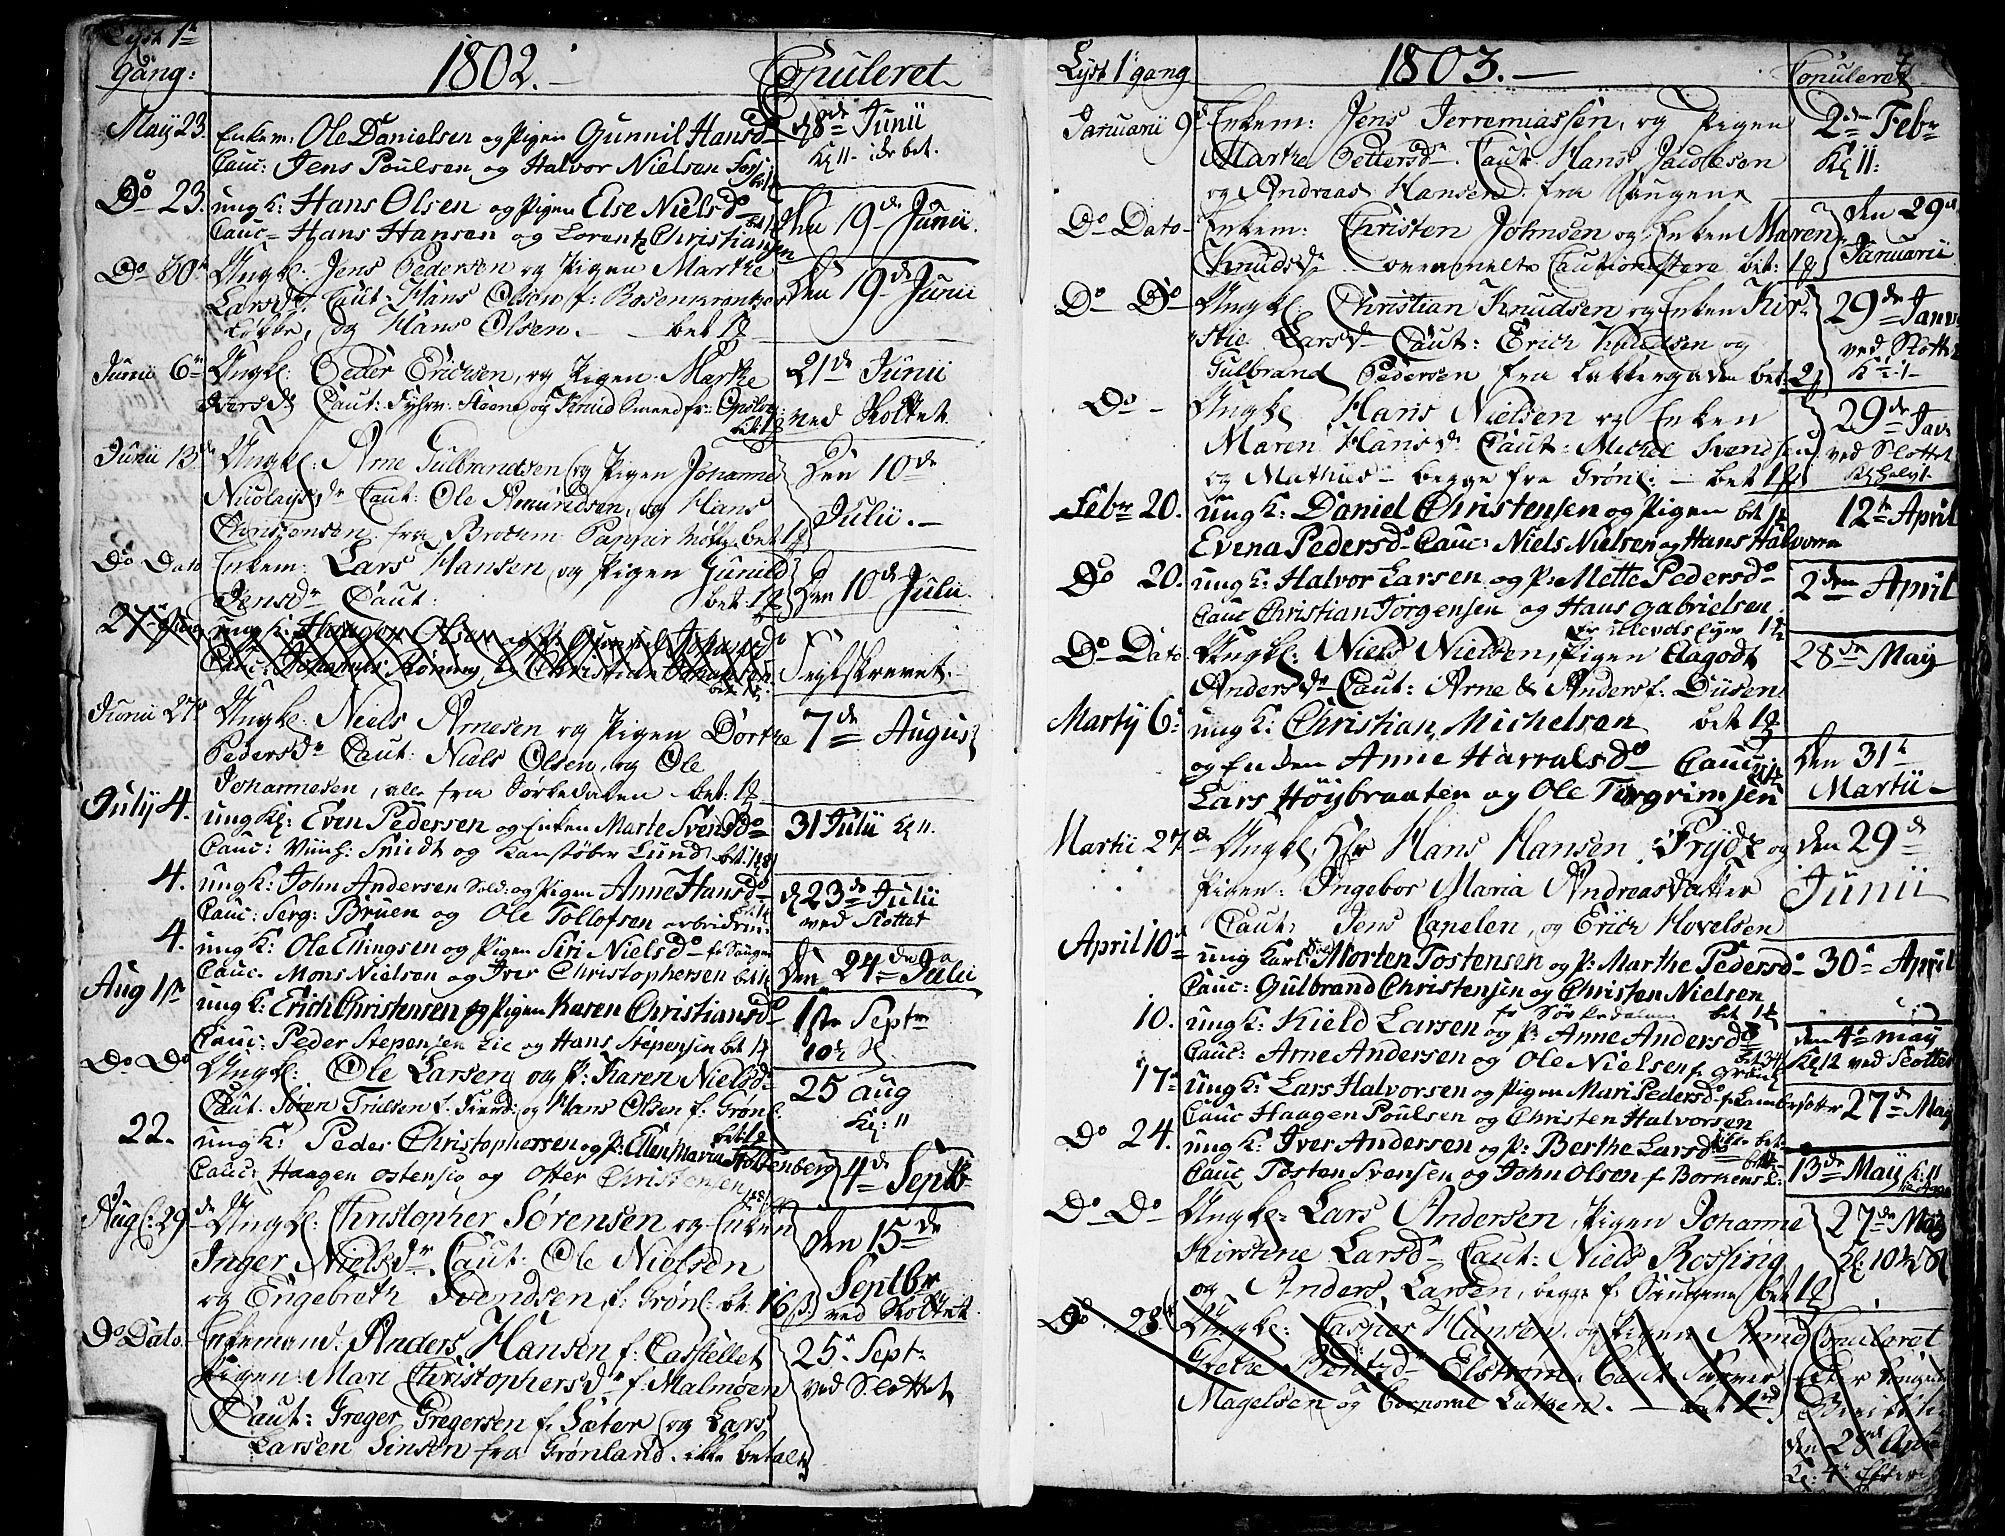 SAO, Aker prestekontor kirkebøker, G/L0001: Klokkerbok nr. 1, 1796-1826, s. 6-7